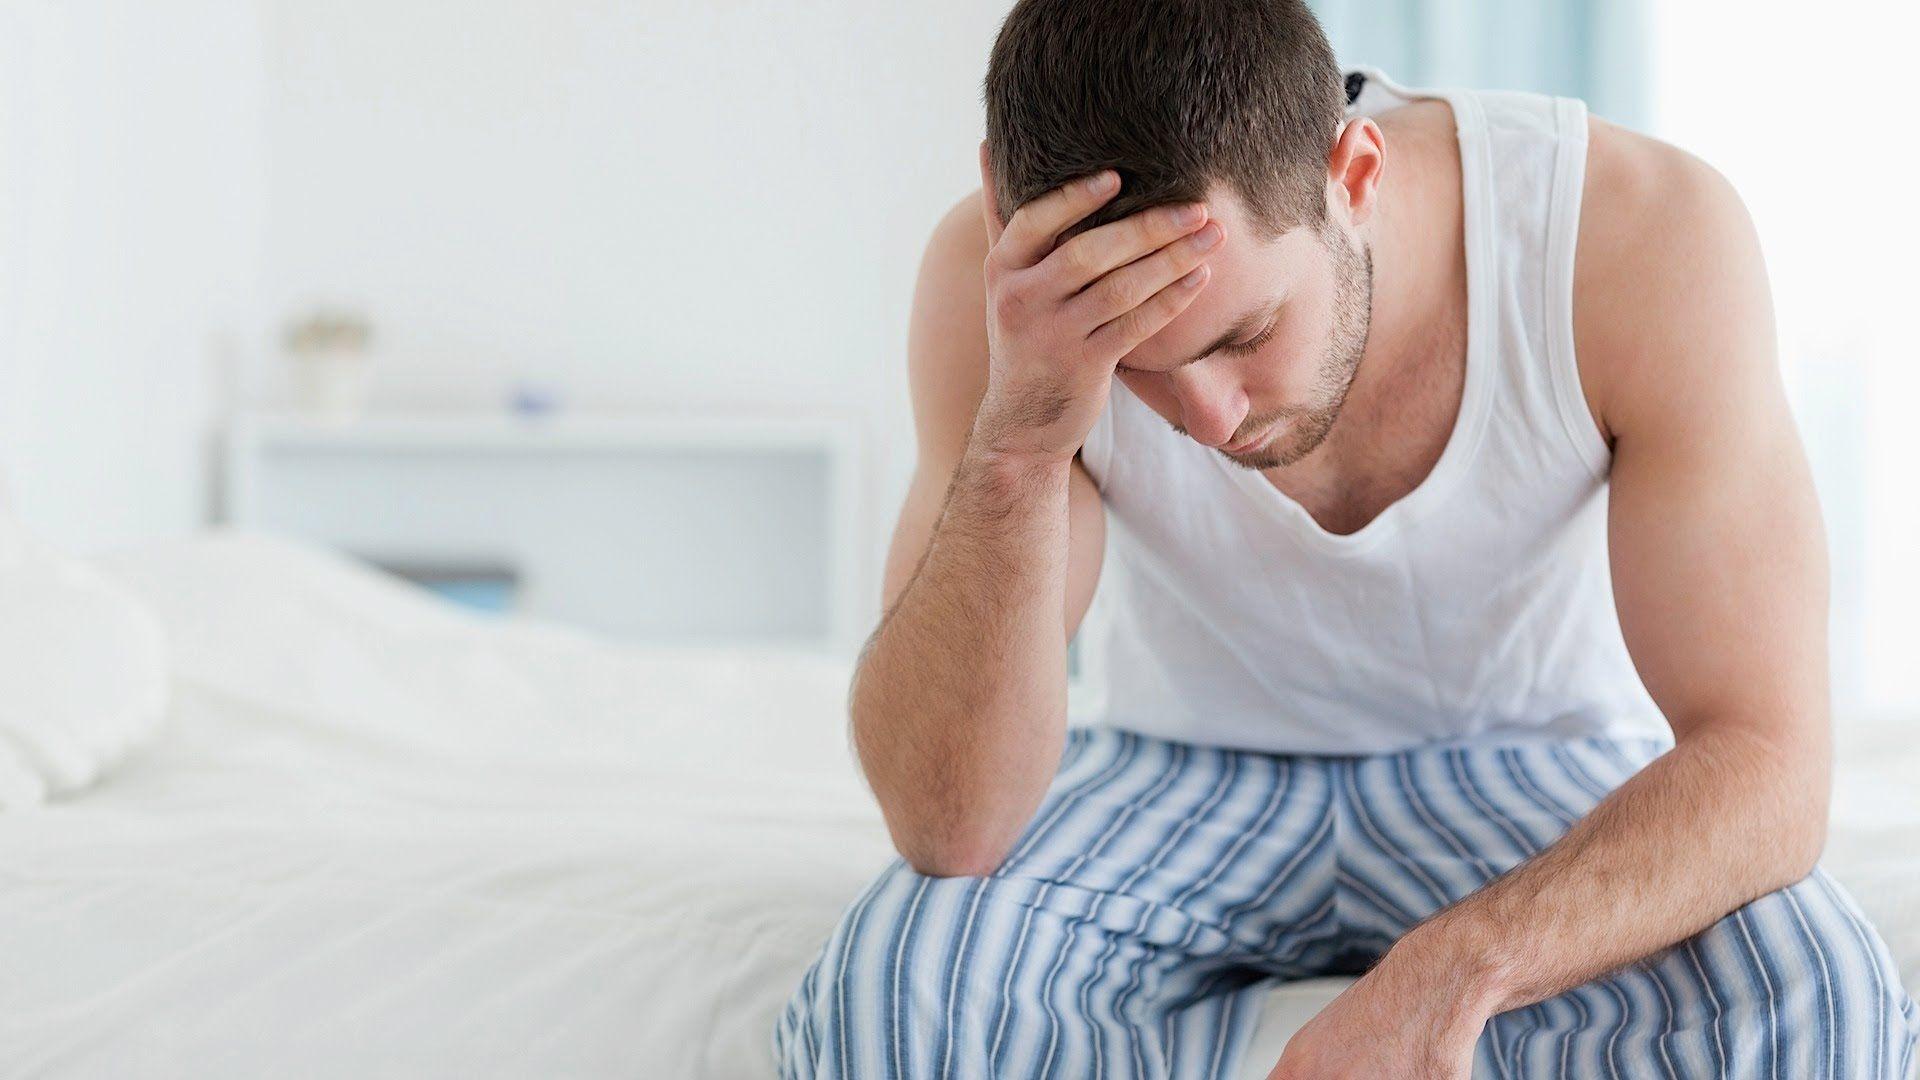 Suplimentele care cresc riscul de cancer testicular. Mulți bărbați le iau fără să știe la ce pericol se expun